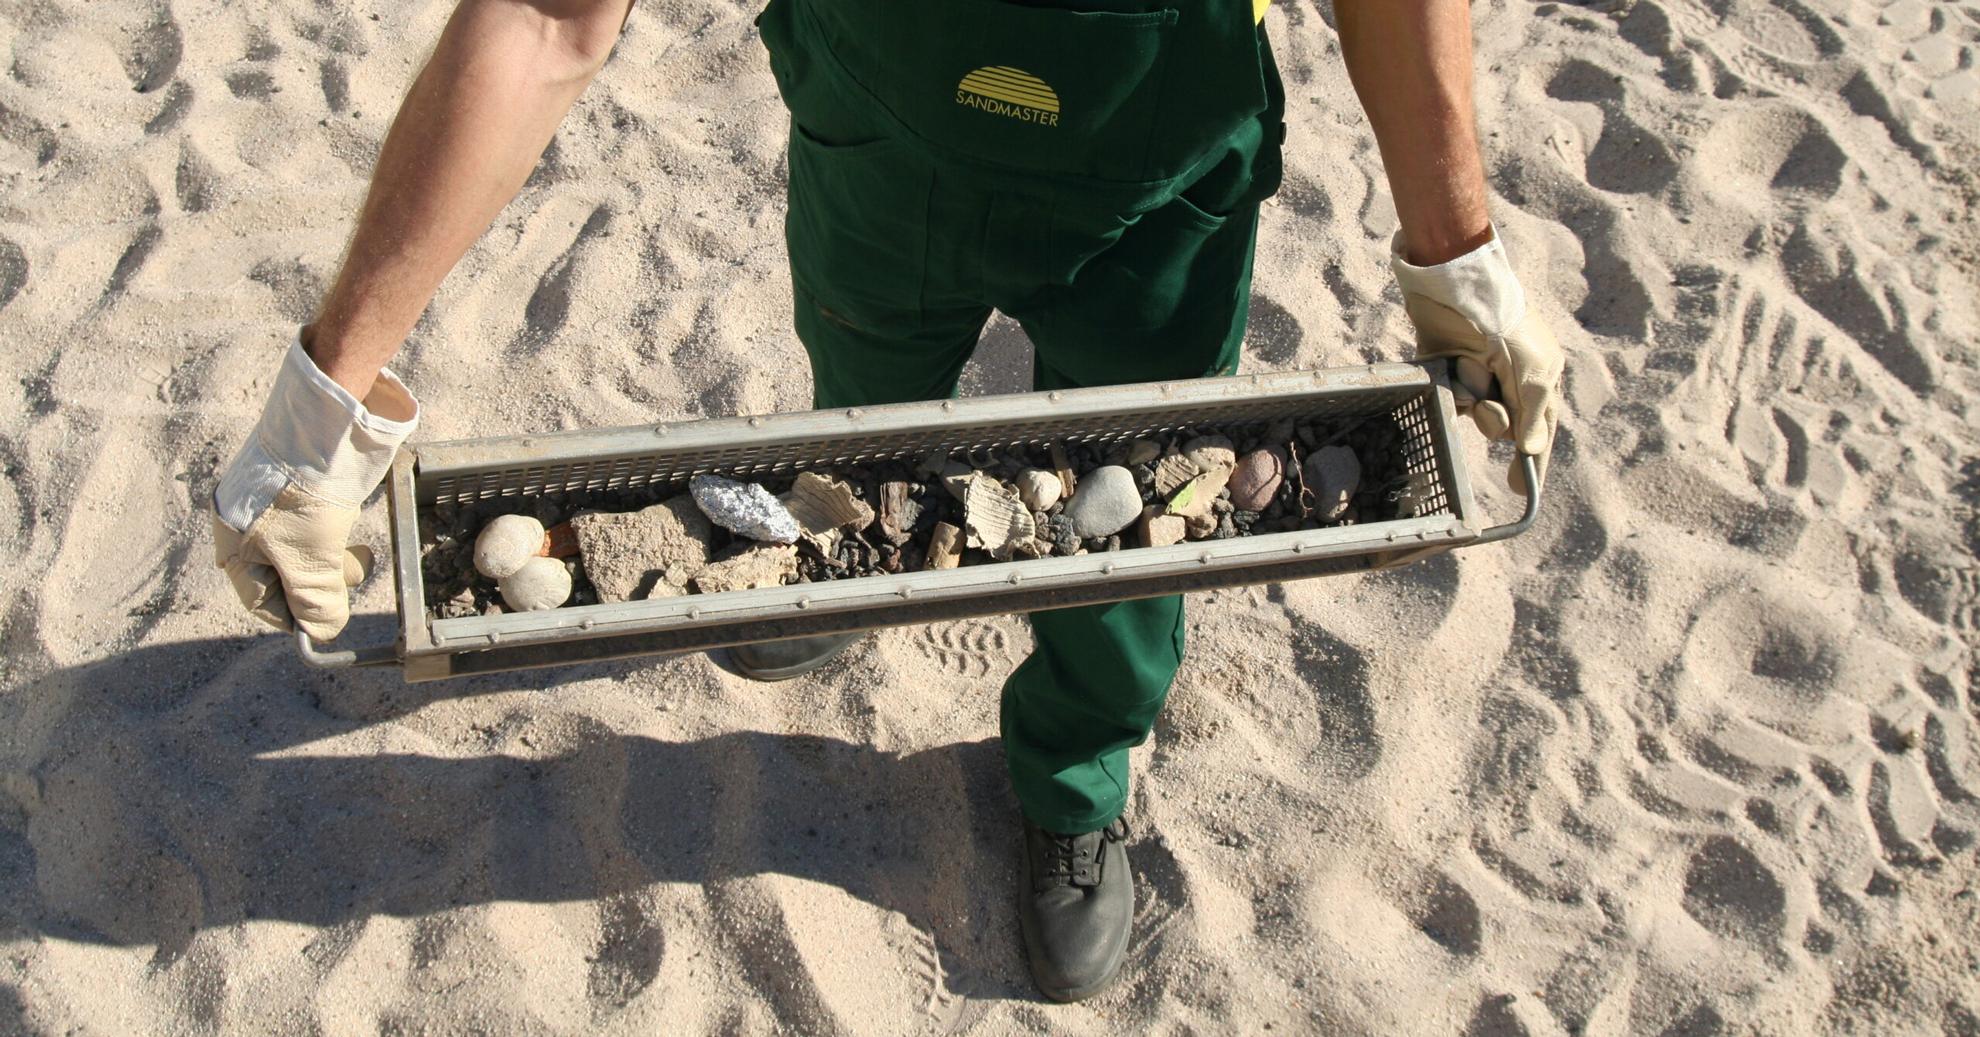 Sandreinigung: Wie wichtig ist die Reinigungstiefe?